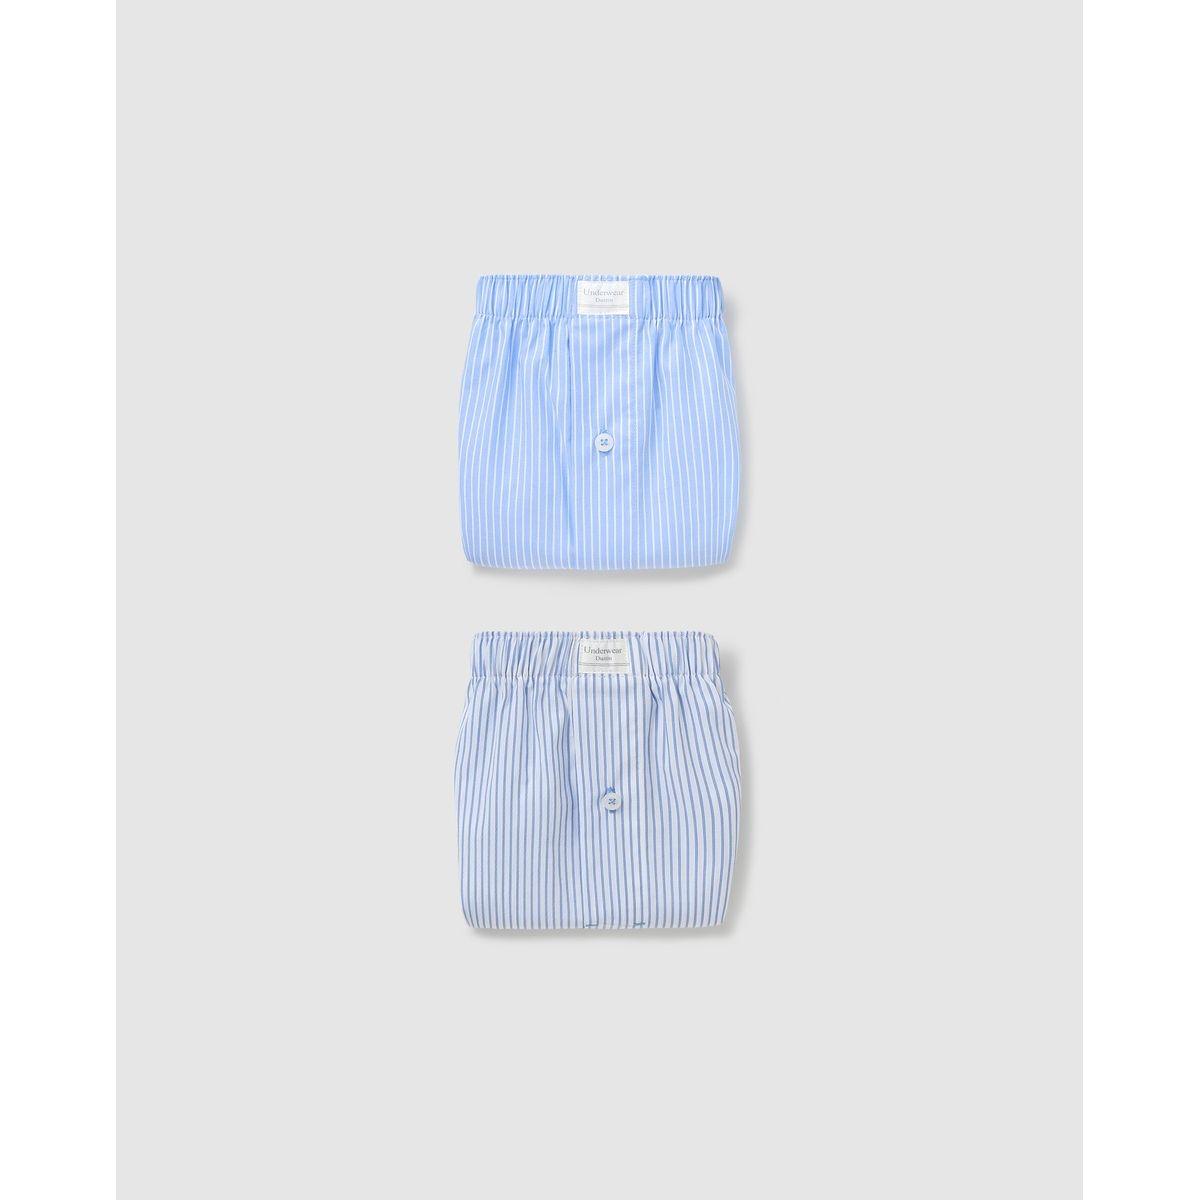 Lot deux boxers en tissu s